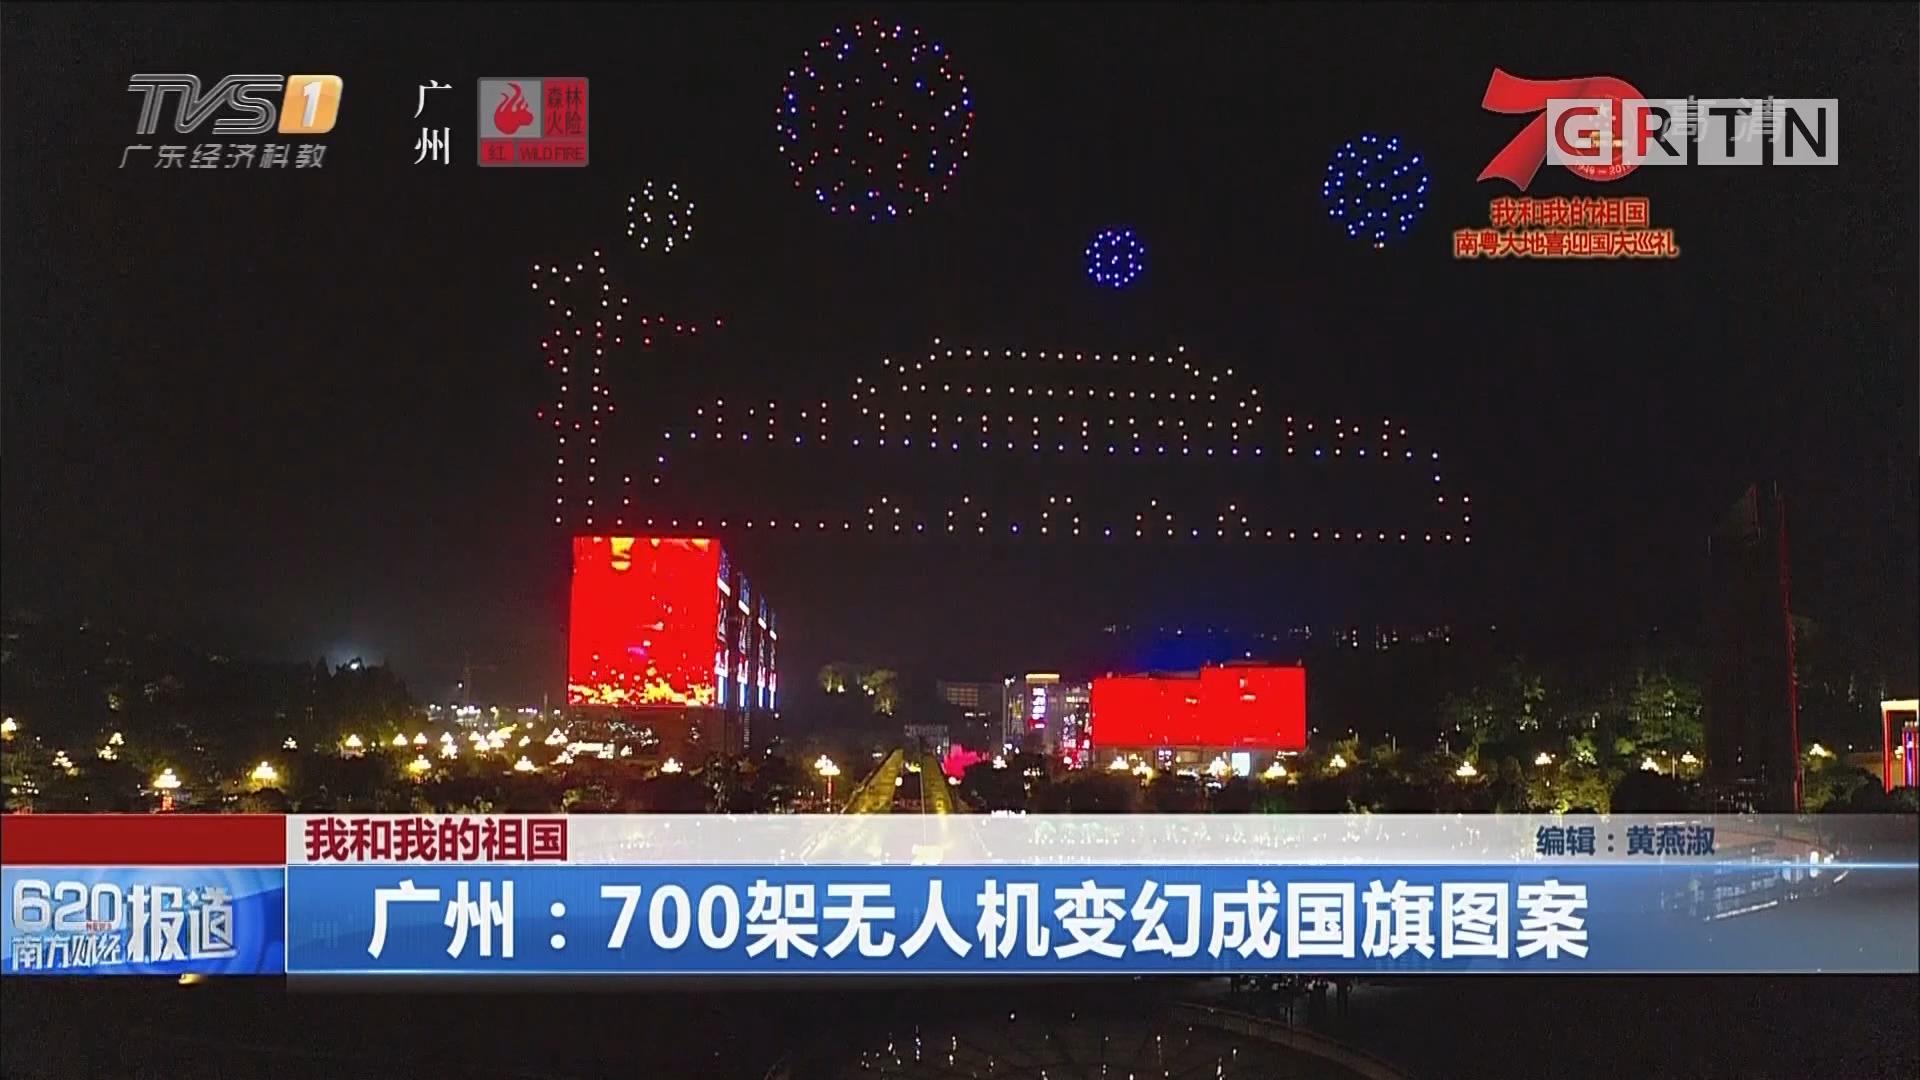 我和我的祖国 广州:700架无人机变幻成国旗图案